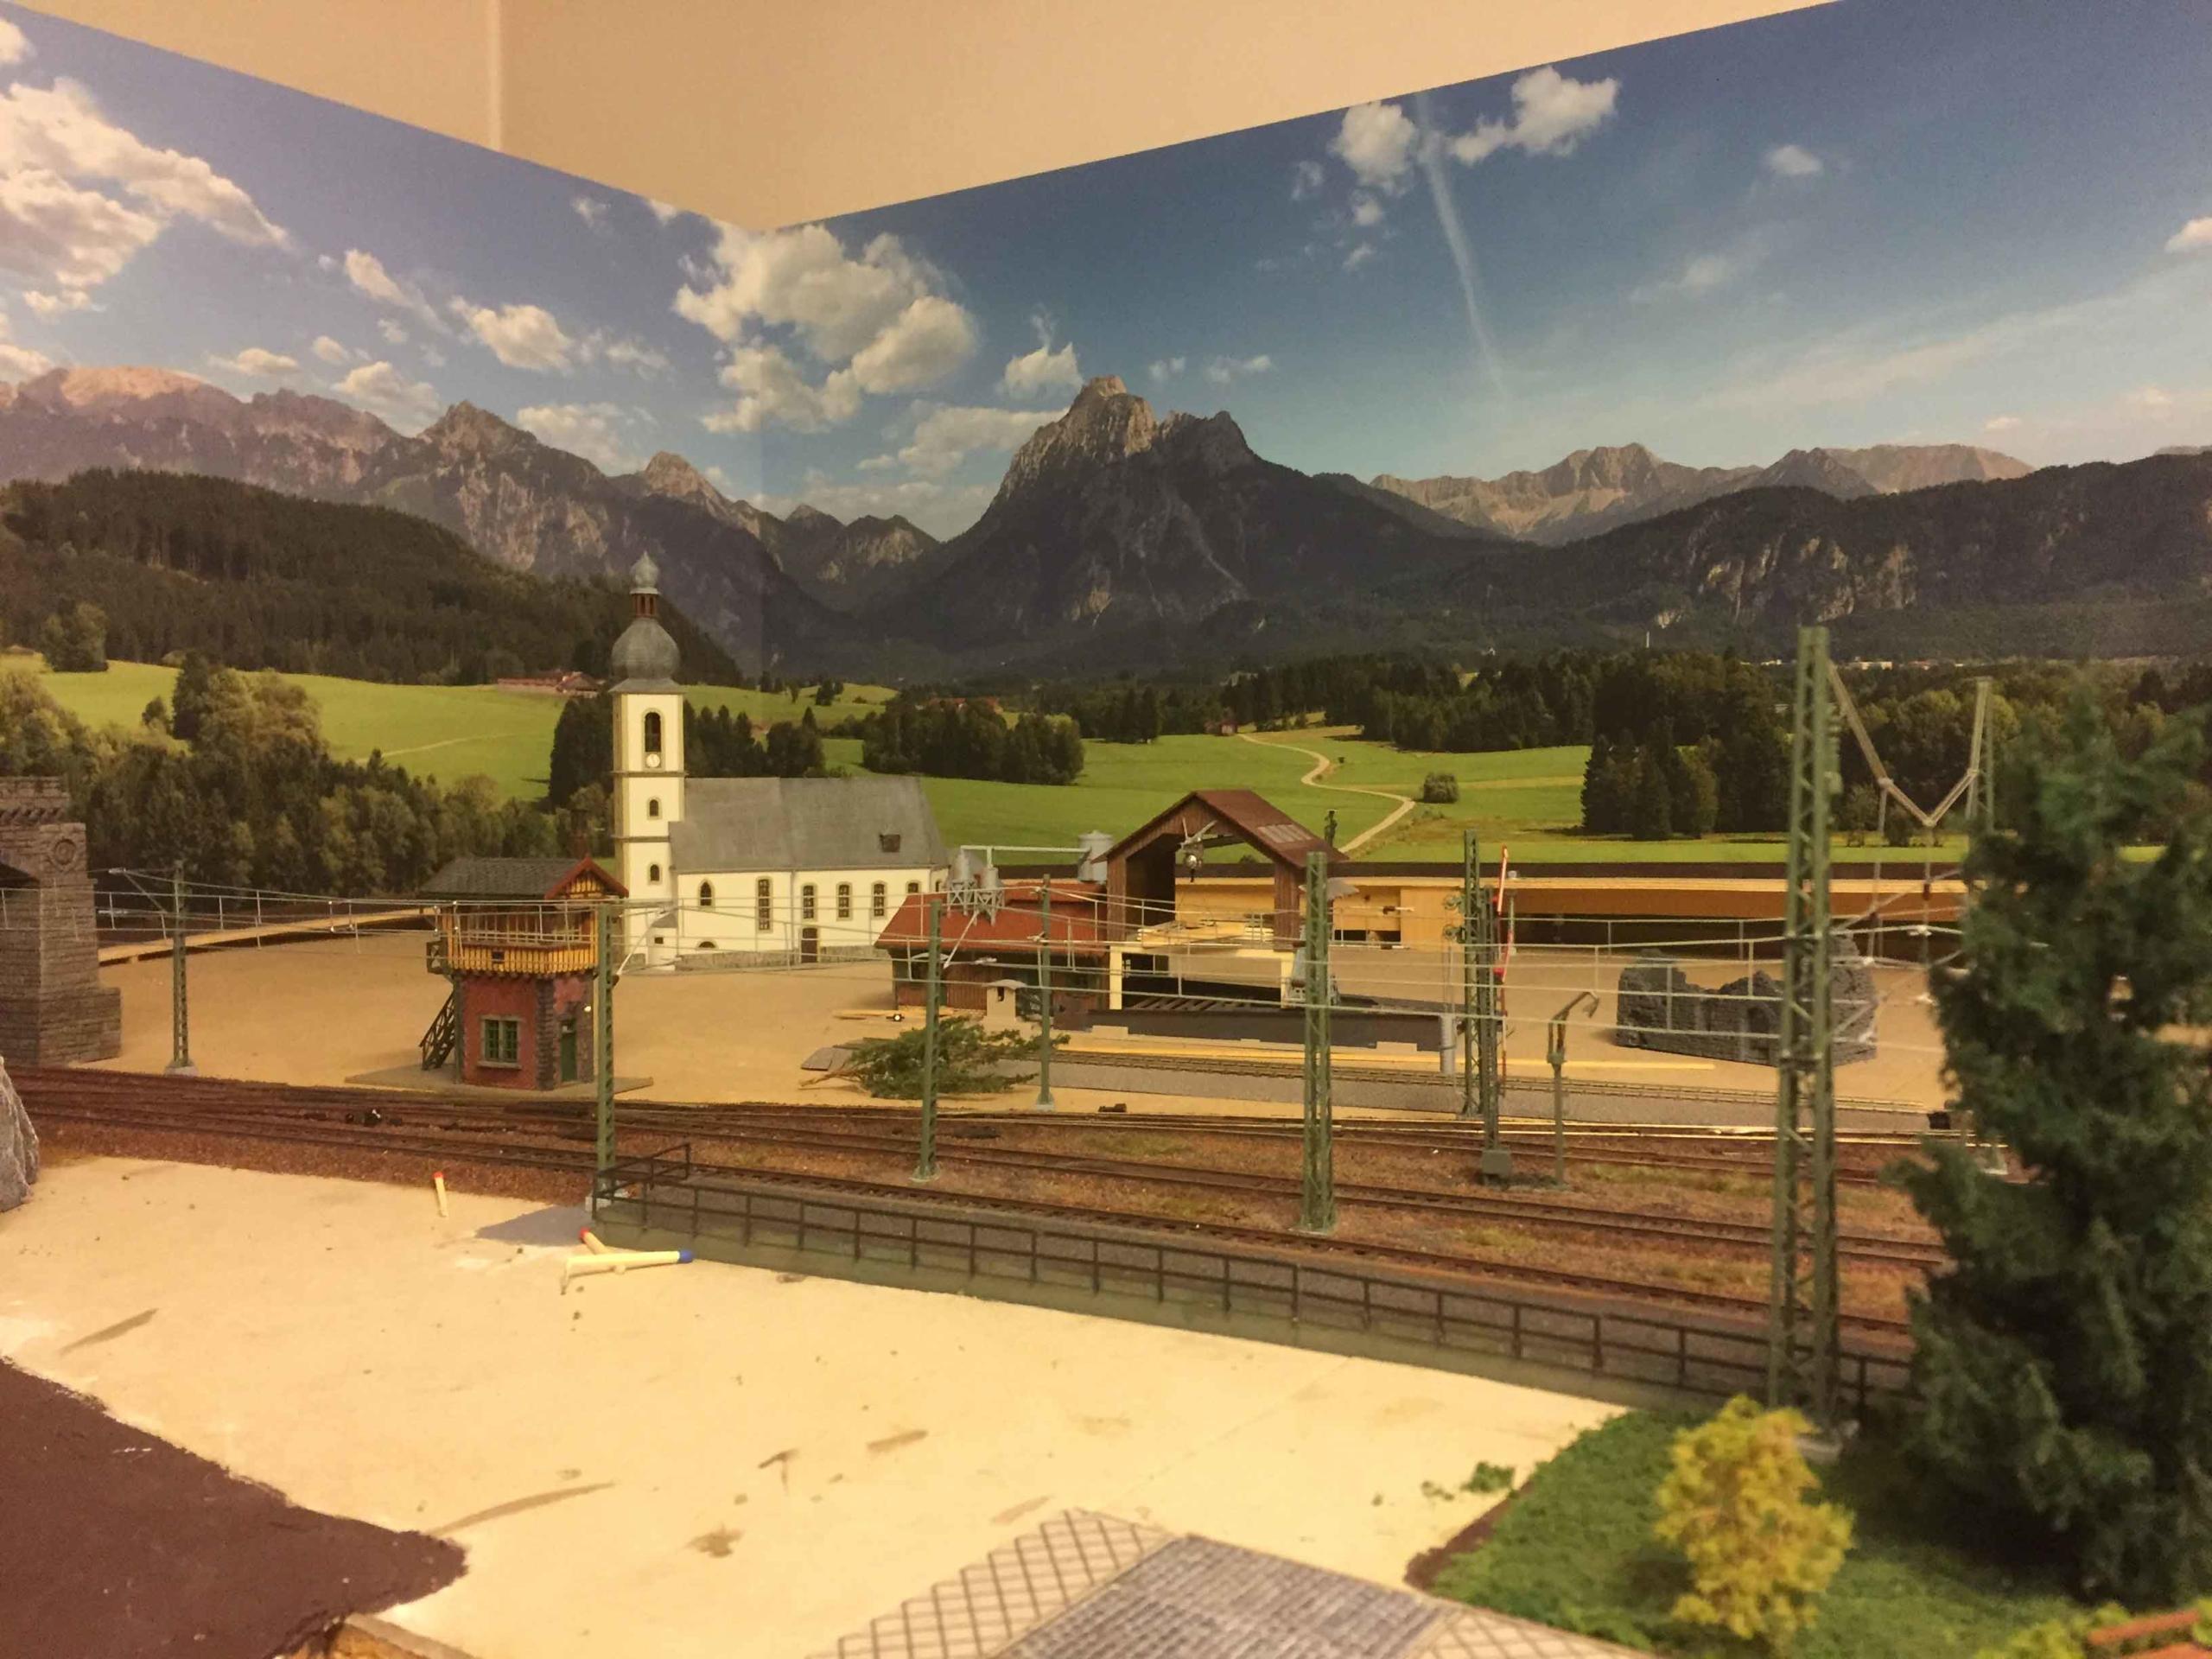 modellbahn-hintergrund-modellbahning_6 3